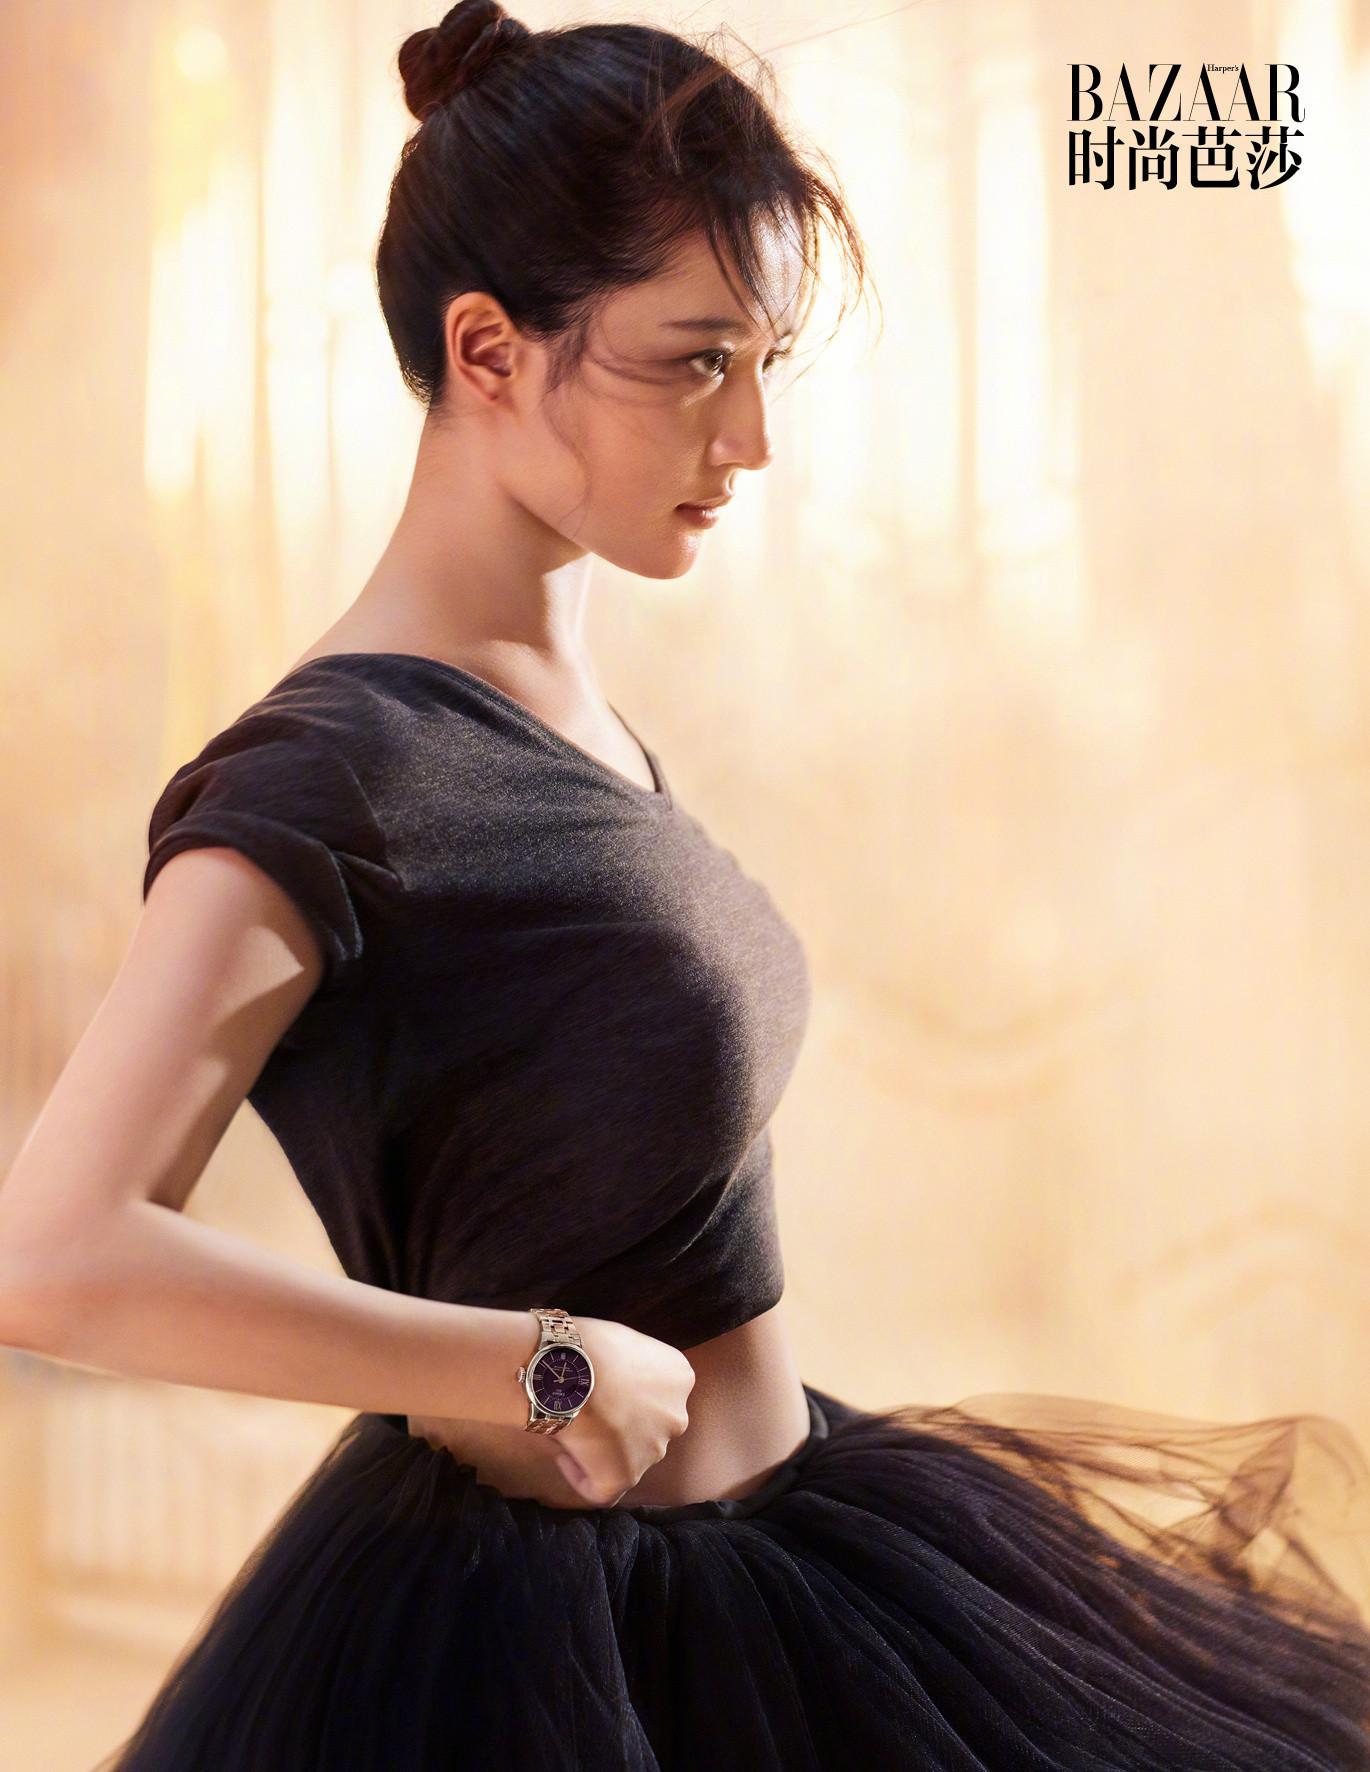 ▲劉亦菲被發現,雖然腹部還隱約可見馬甲線,但手臂變粗,胸部也「升級」不少。(圖/取自《時尚芭莎》微博)